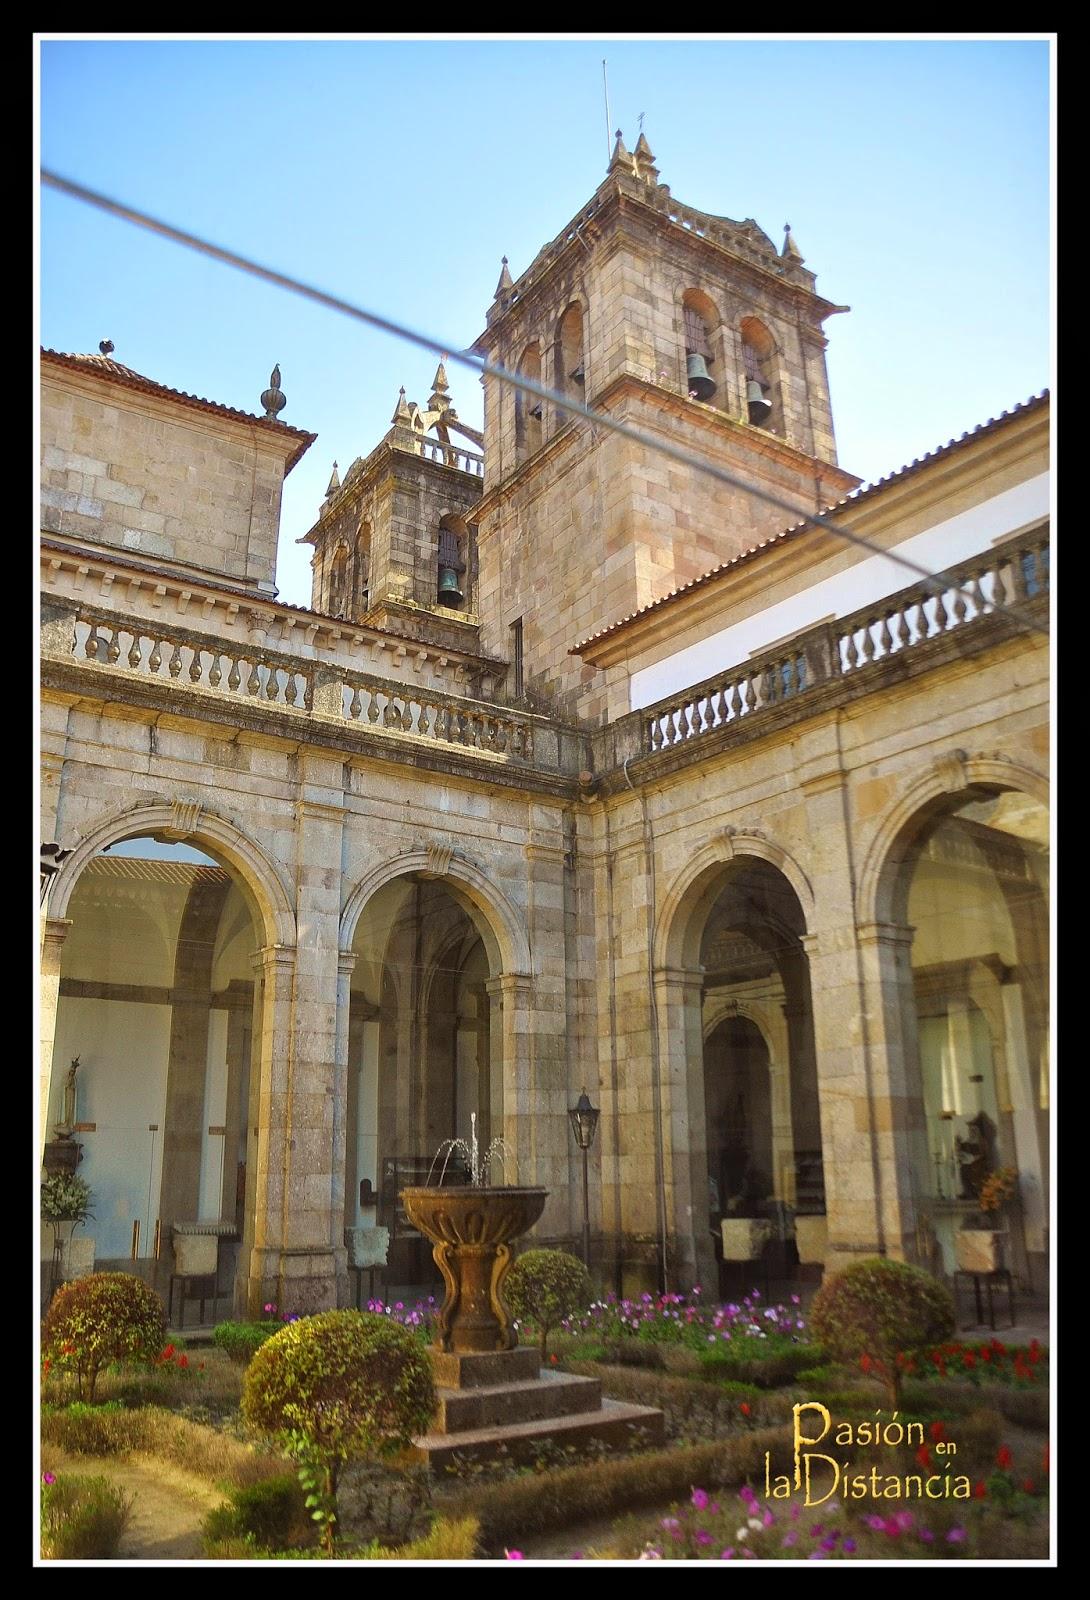 Claustro_Catedral-Braga